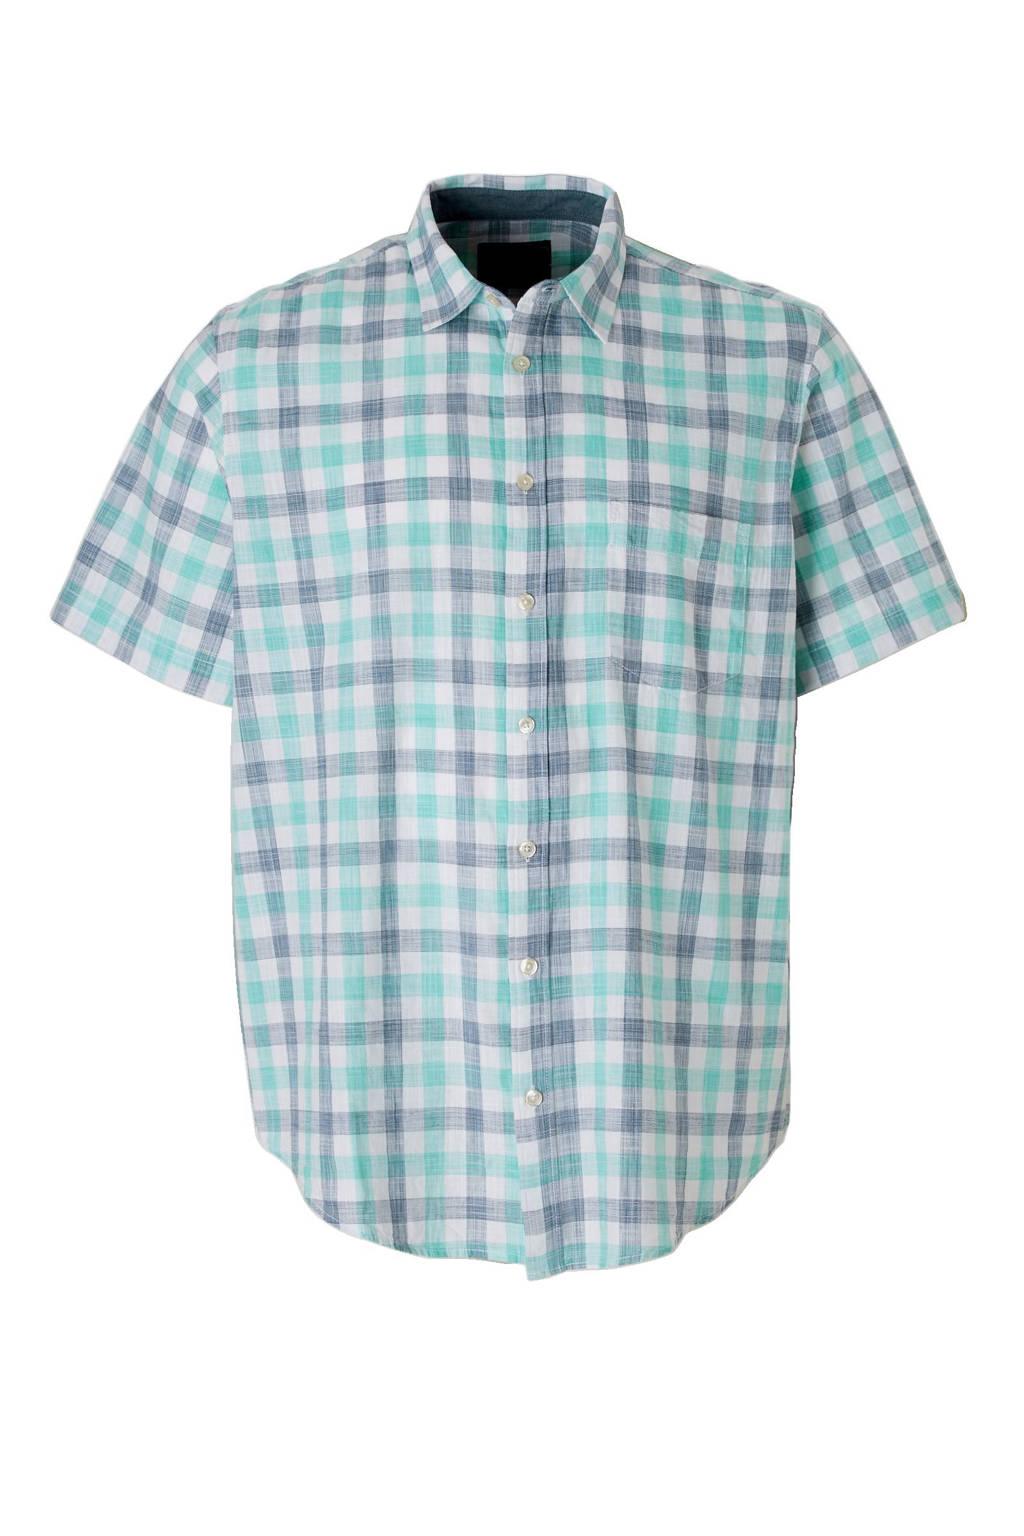 Ruiten Overhemd Heren.C A Heren Xl Overhemd Met Ruiten Dessin Wehkamp